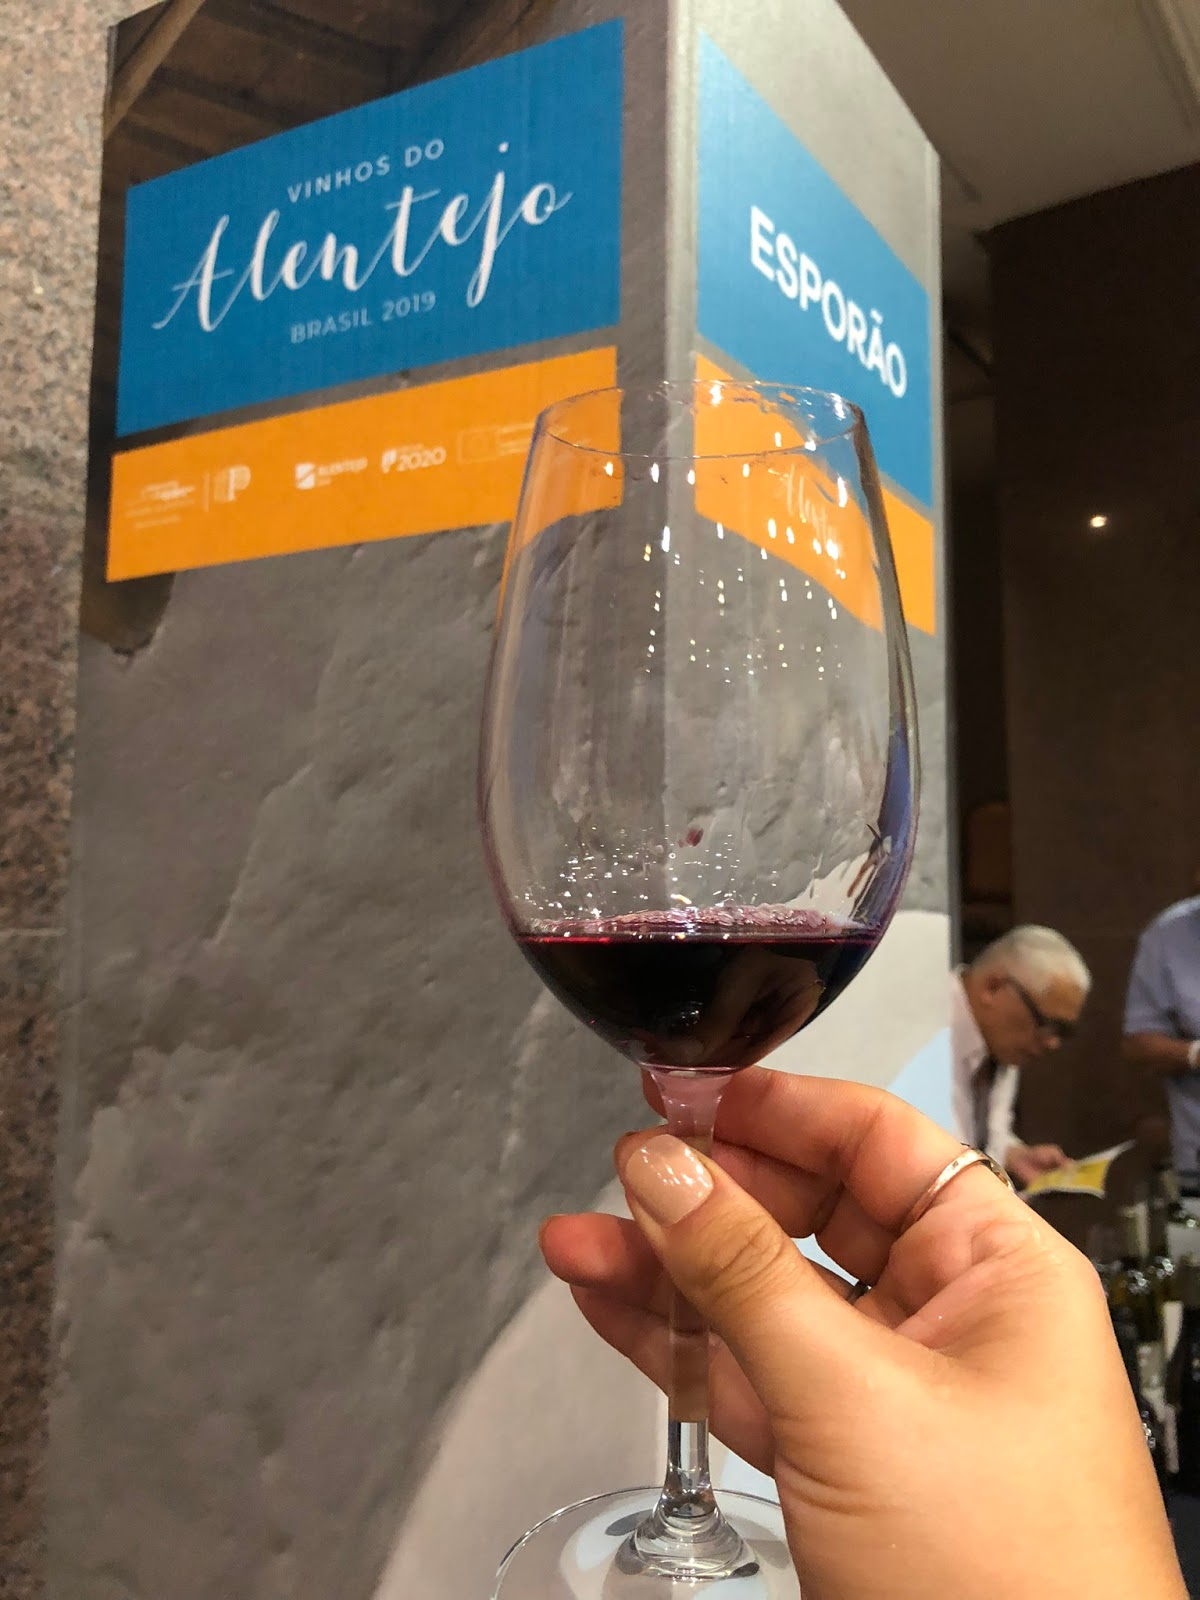 Vinhos do Alentejo em evento de degustação em Brasília